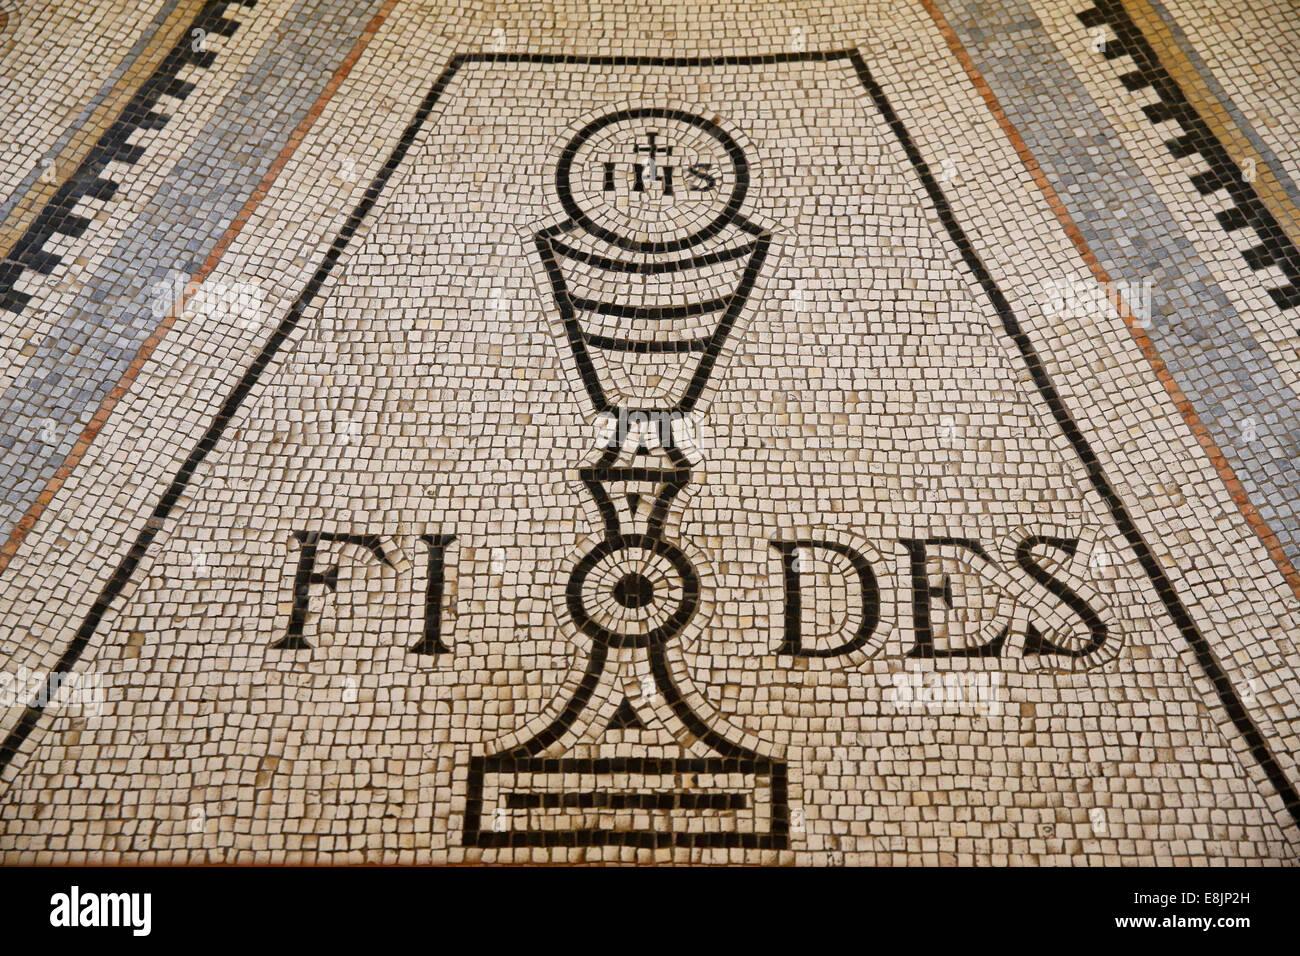 Church of the Beatitudes. Faith. - Stock Image